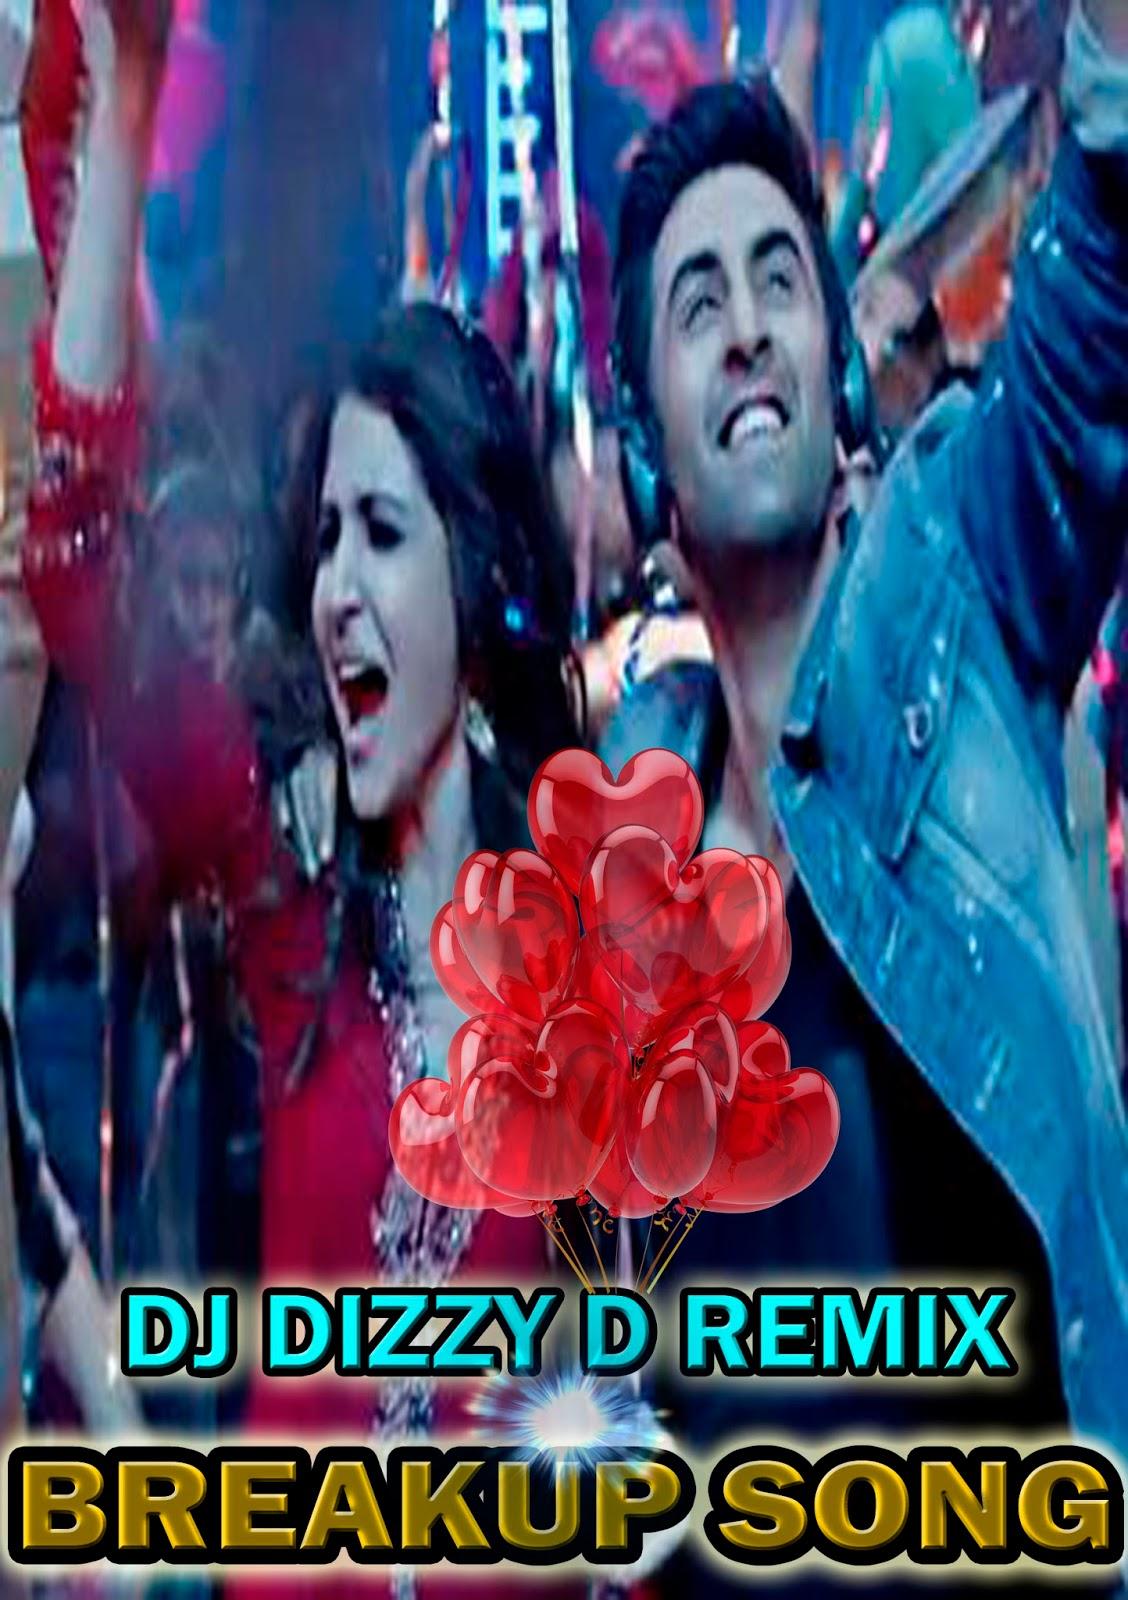 Dheere dheere se dj hot remix song download | Dheere Dheere